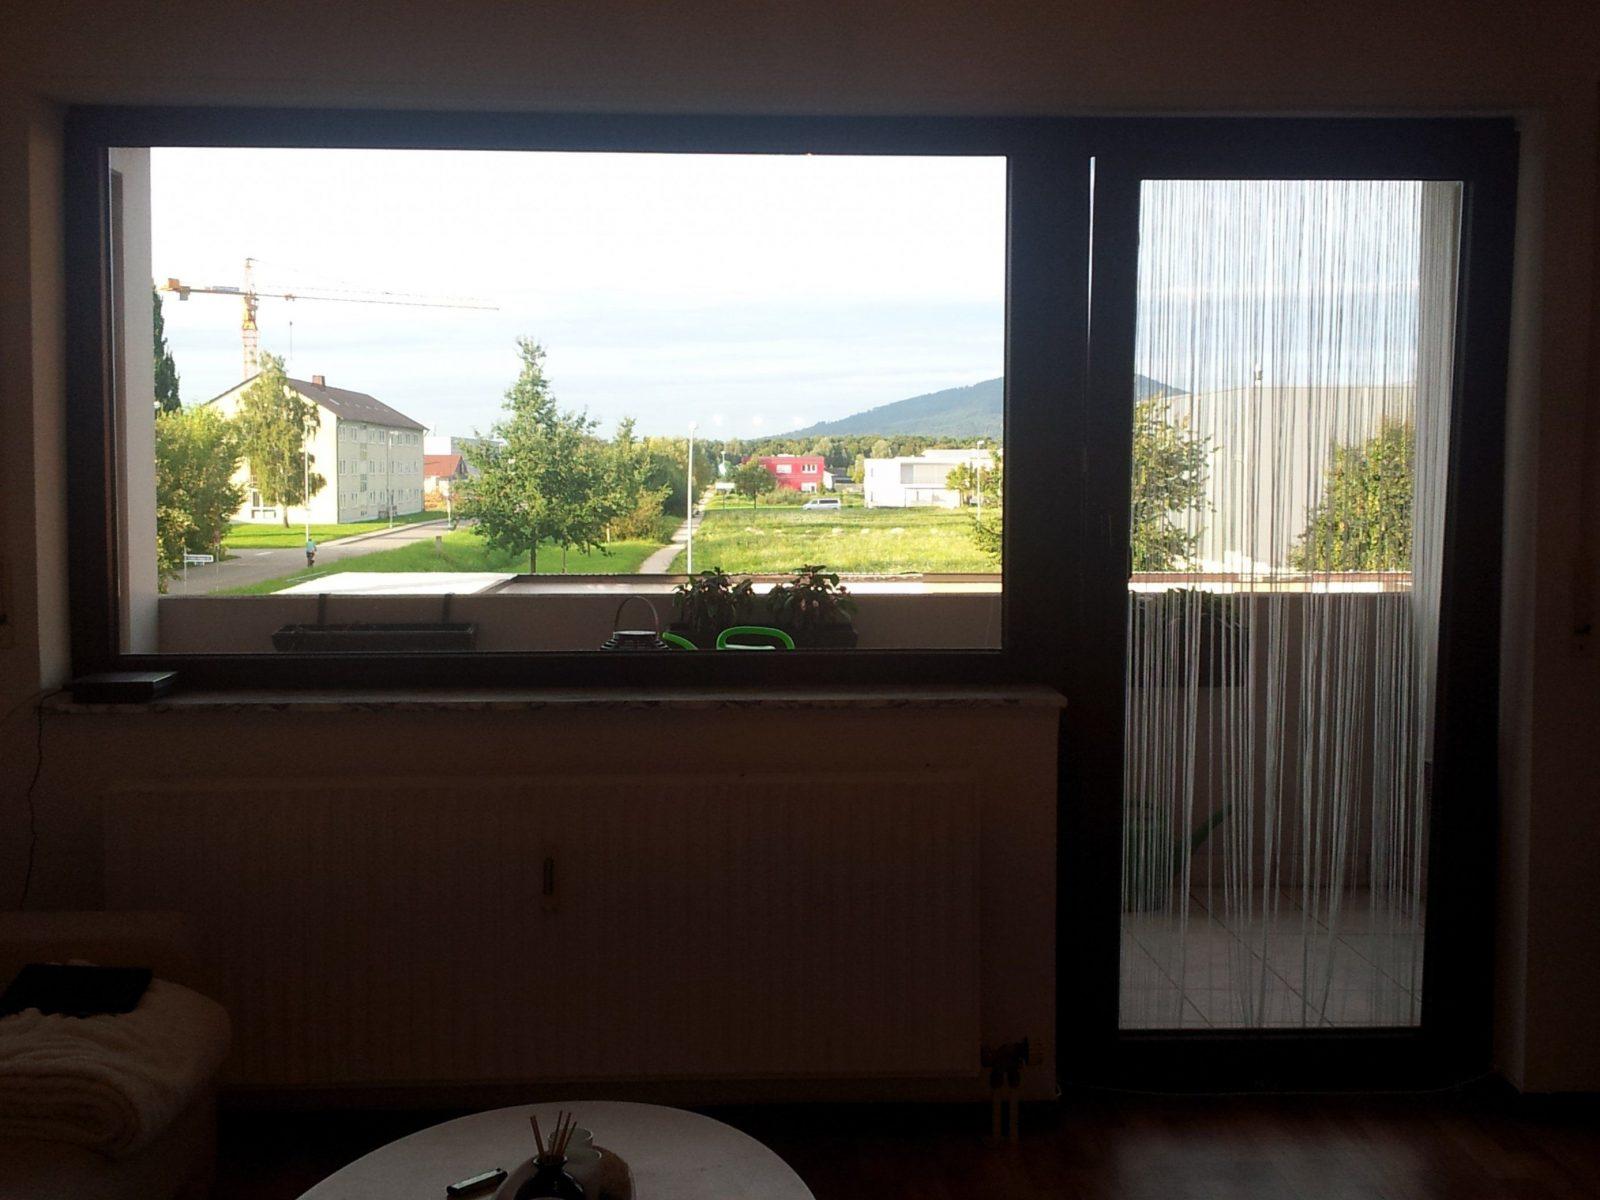 Wohnzimmer Gardinen Mit Balkontür von Gardinen Für Terrassentür Und Fenster Photo